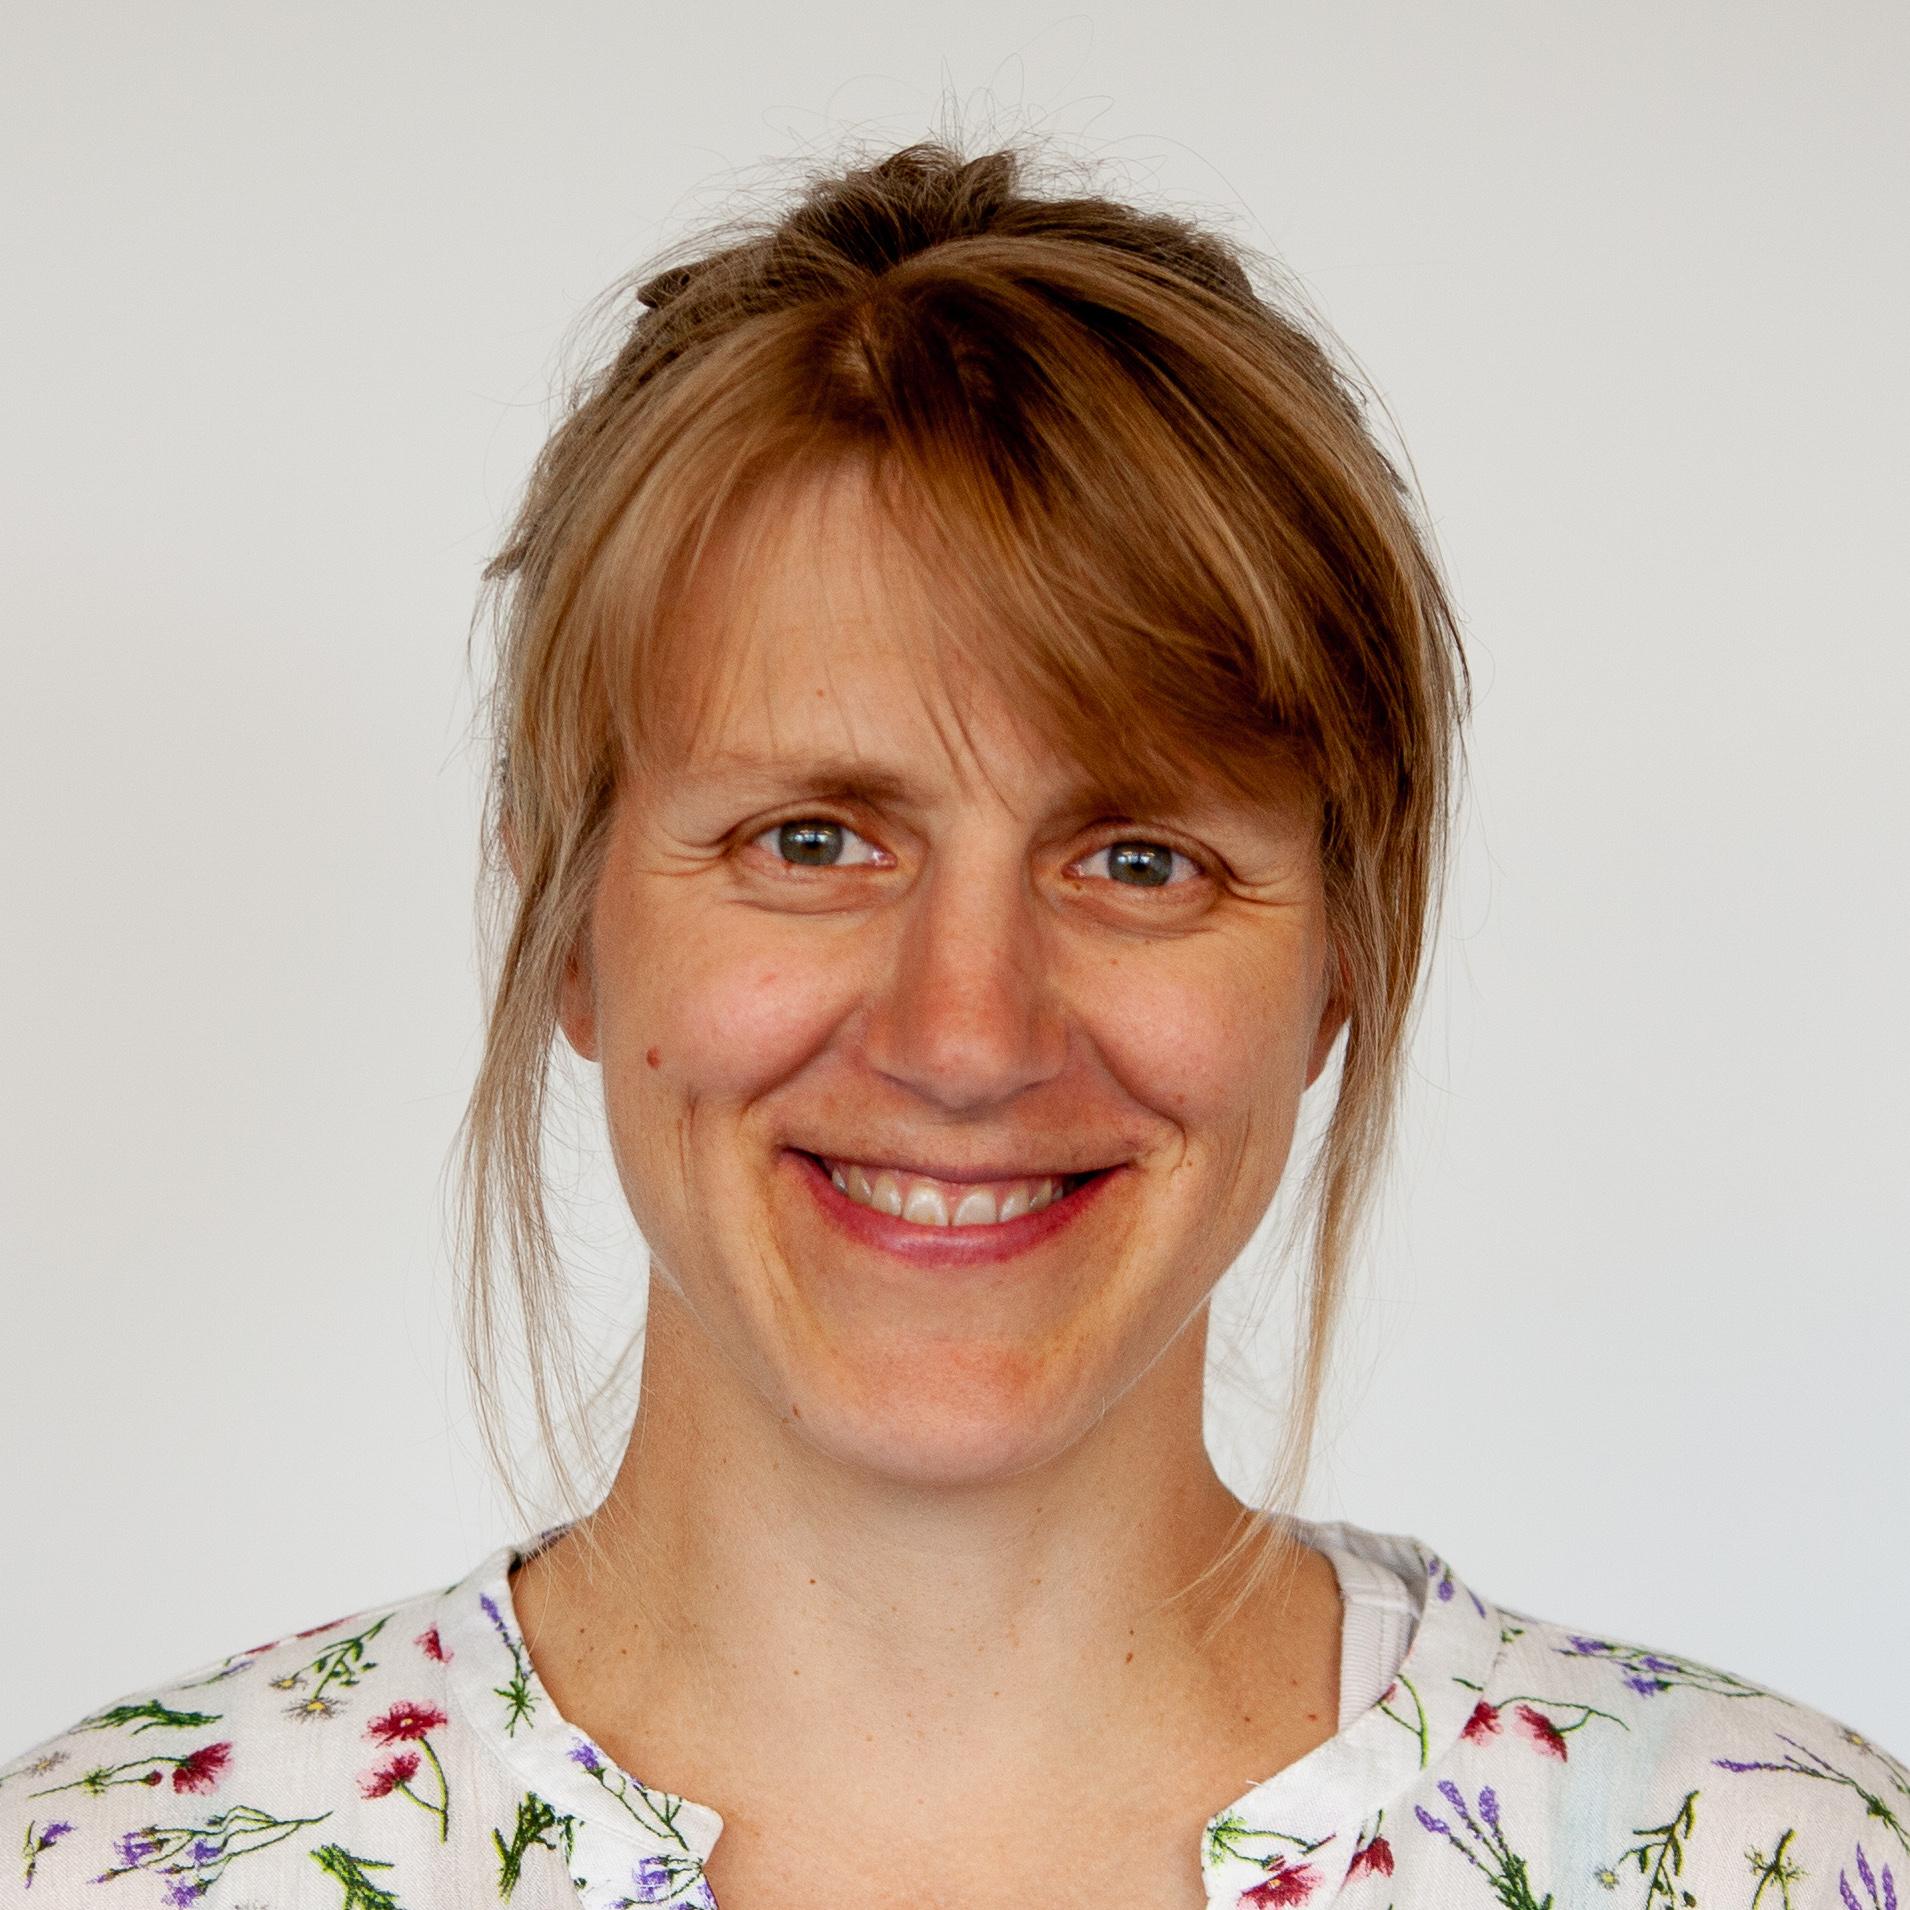 Anna  Pernestål Brenden